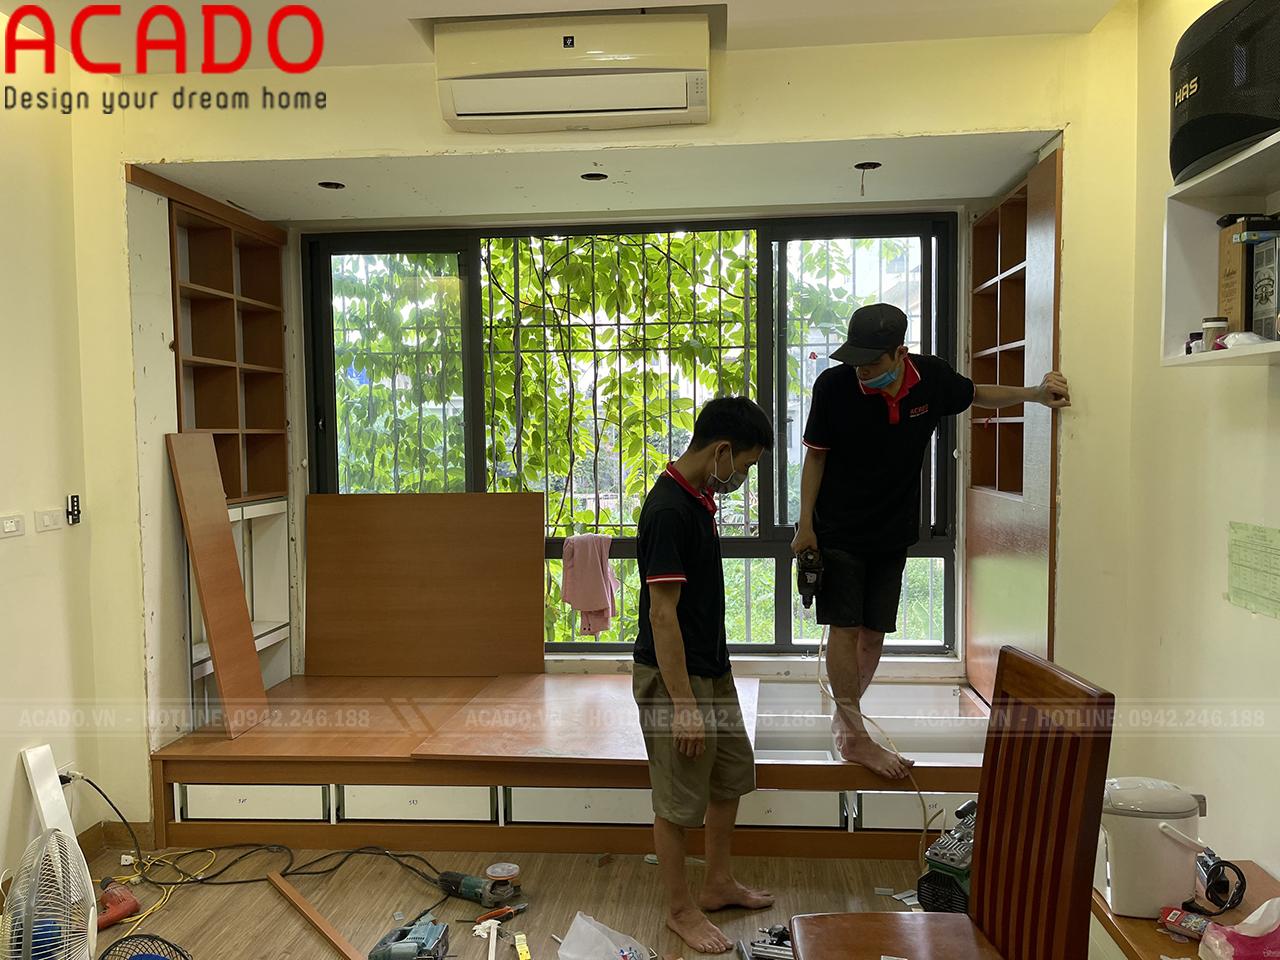 Thiết kế giường nâng sàn mang lại sự hiện đại, tiện nghi cho phòng ngủ - Thi công nội thất tại Hà Đông